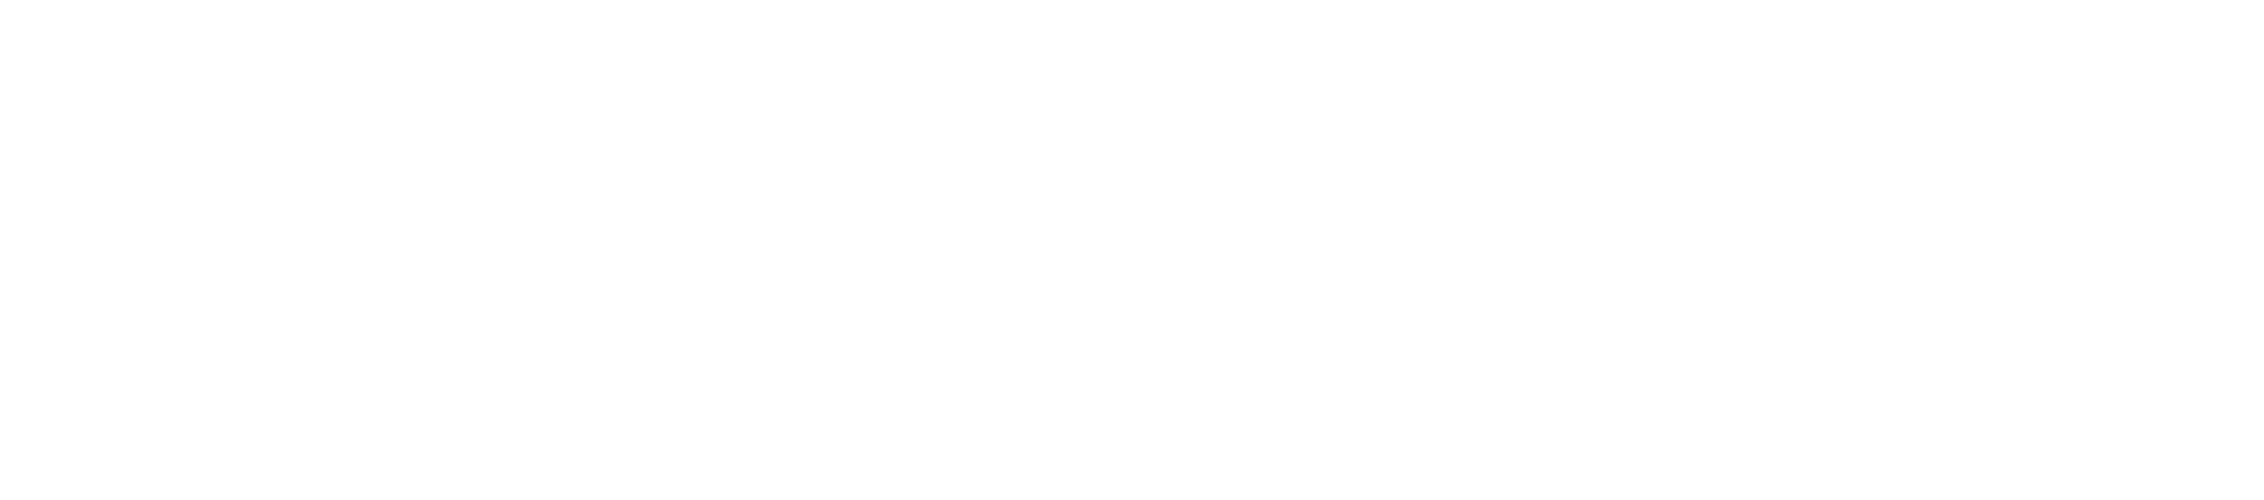 dach-mitel